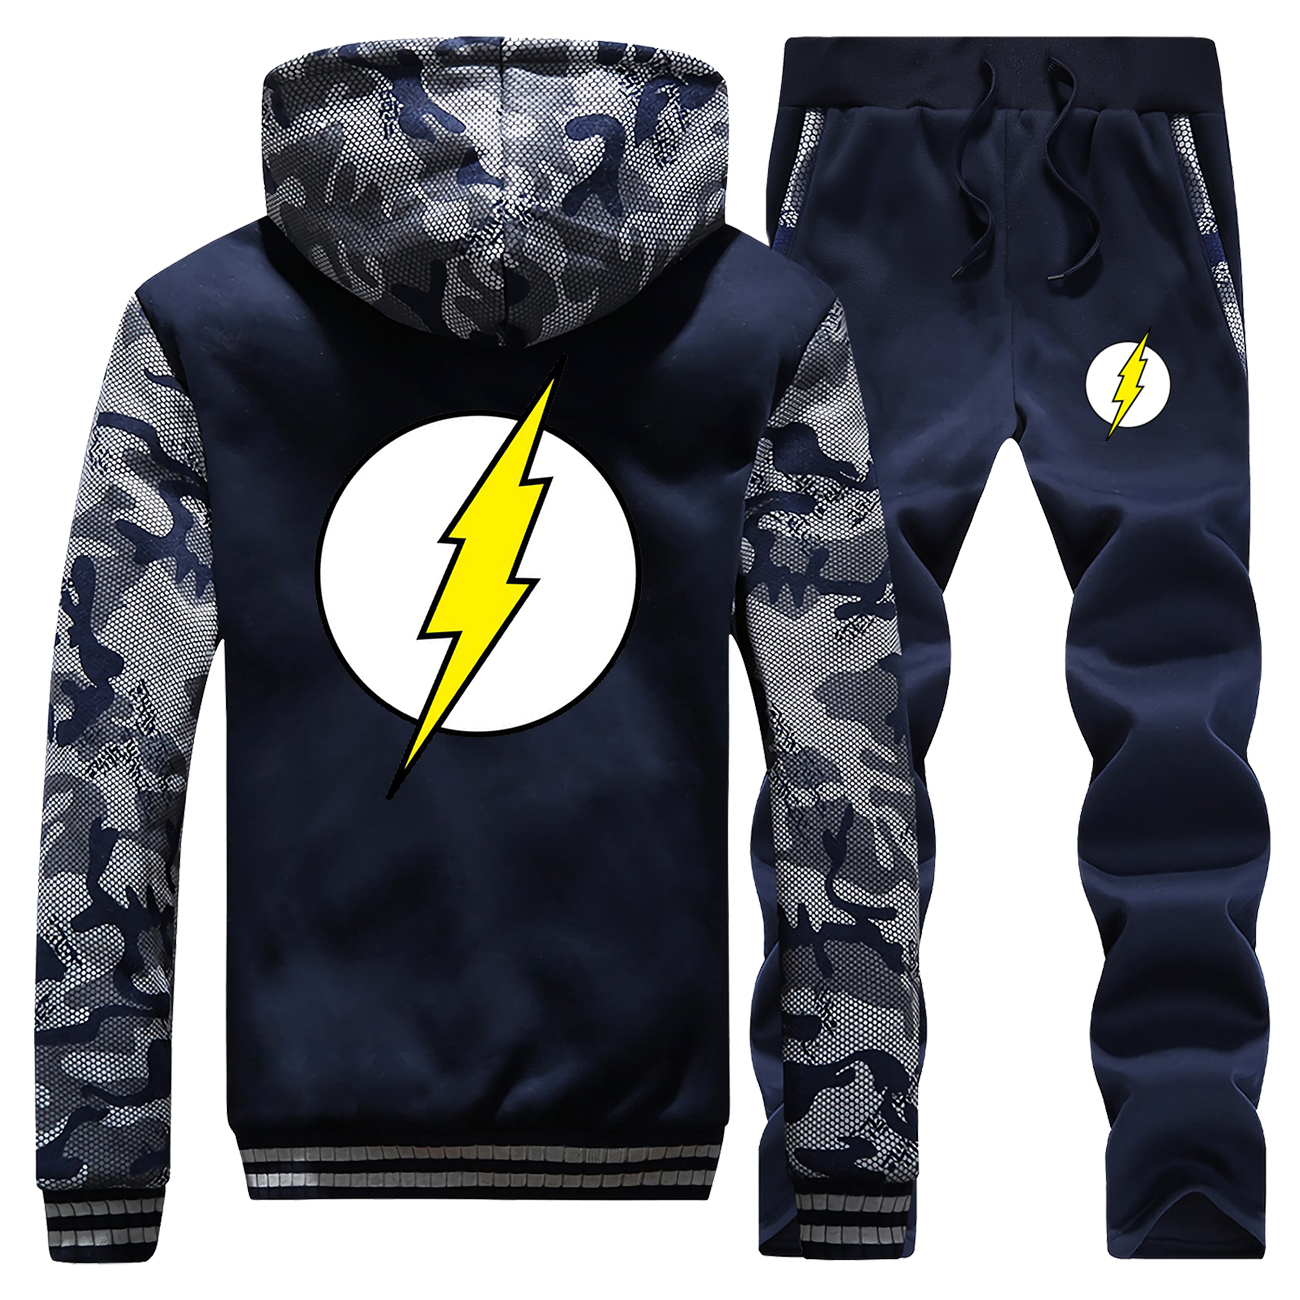 The Flash Superhero Jacket+Pant 2PC Sets Men Fashion New Sweatshirt Set Camouflage Hip Hop Coat Thick Hoodies Mens Warm Suit